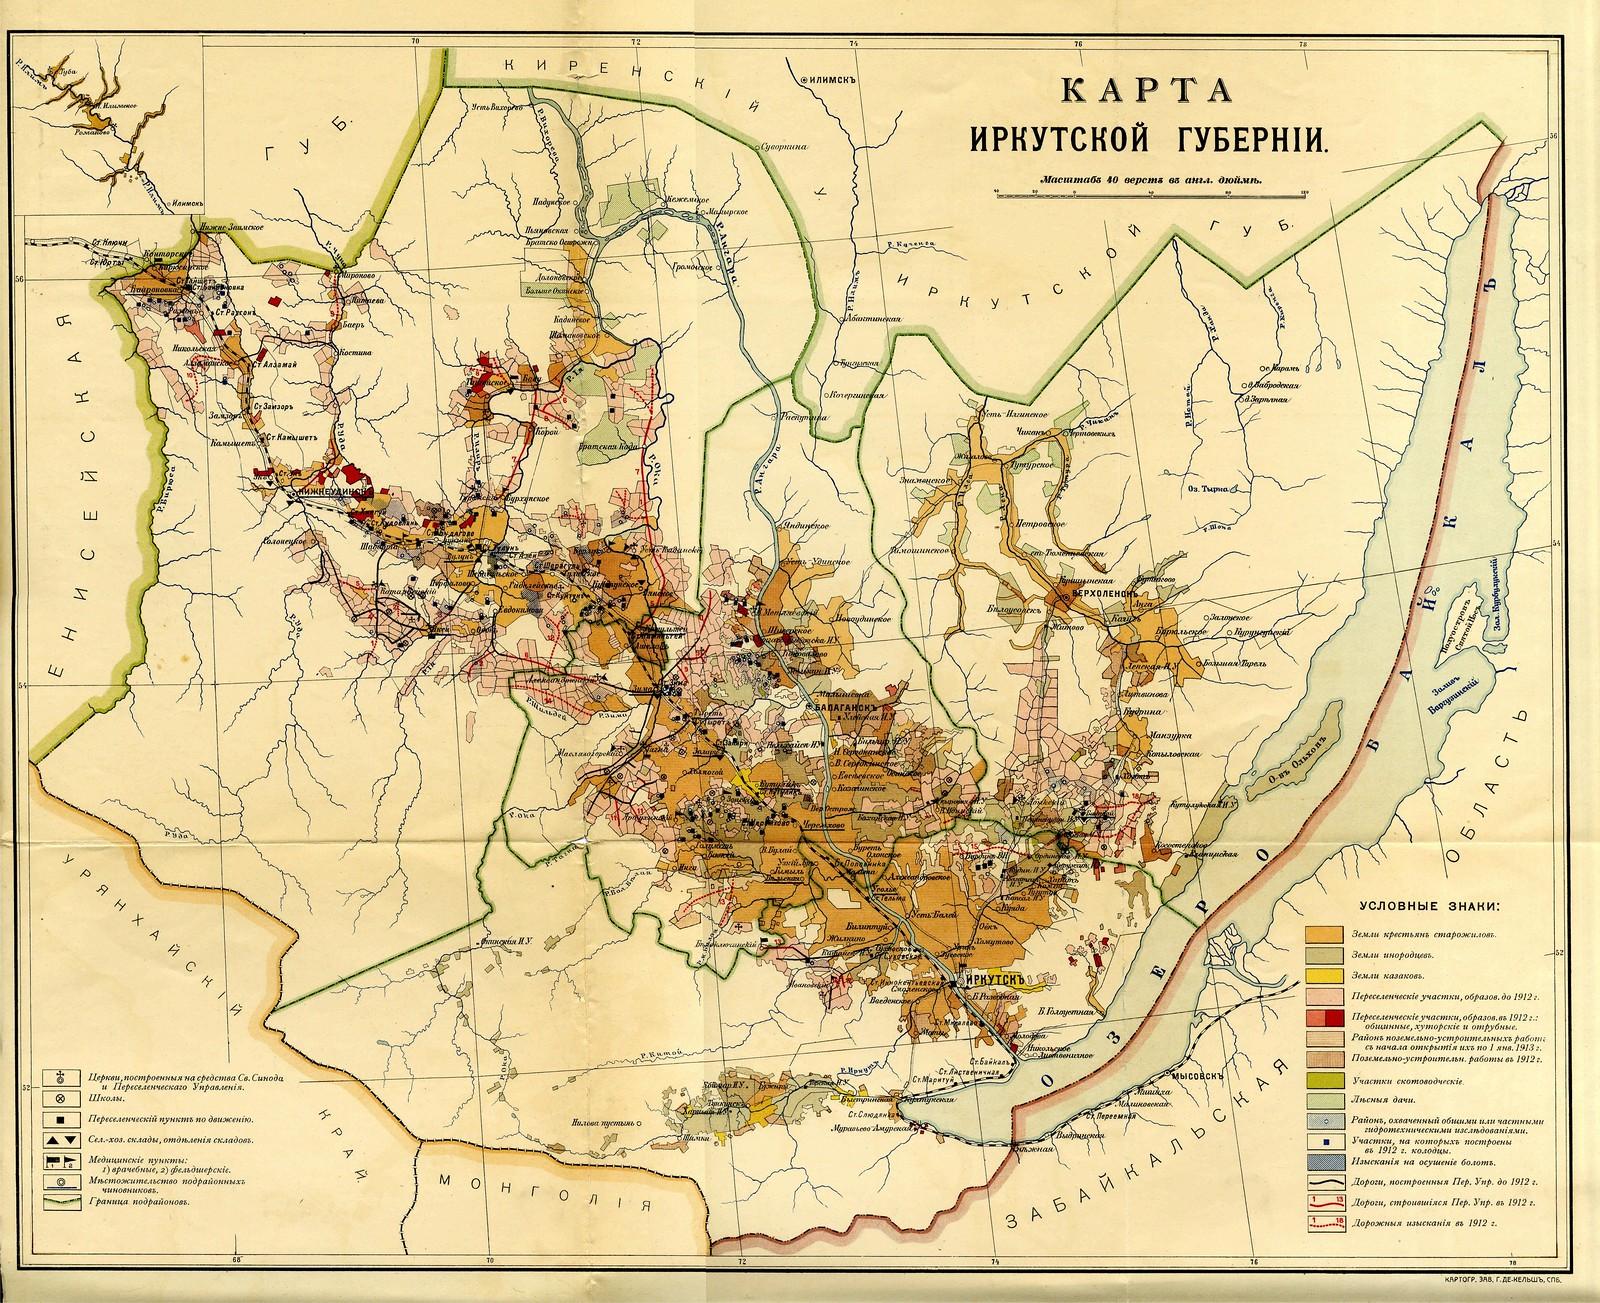 1911.  Переселенческая карта Иркутской губернии (фрагмент)